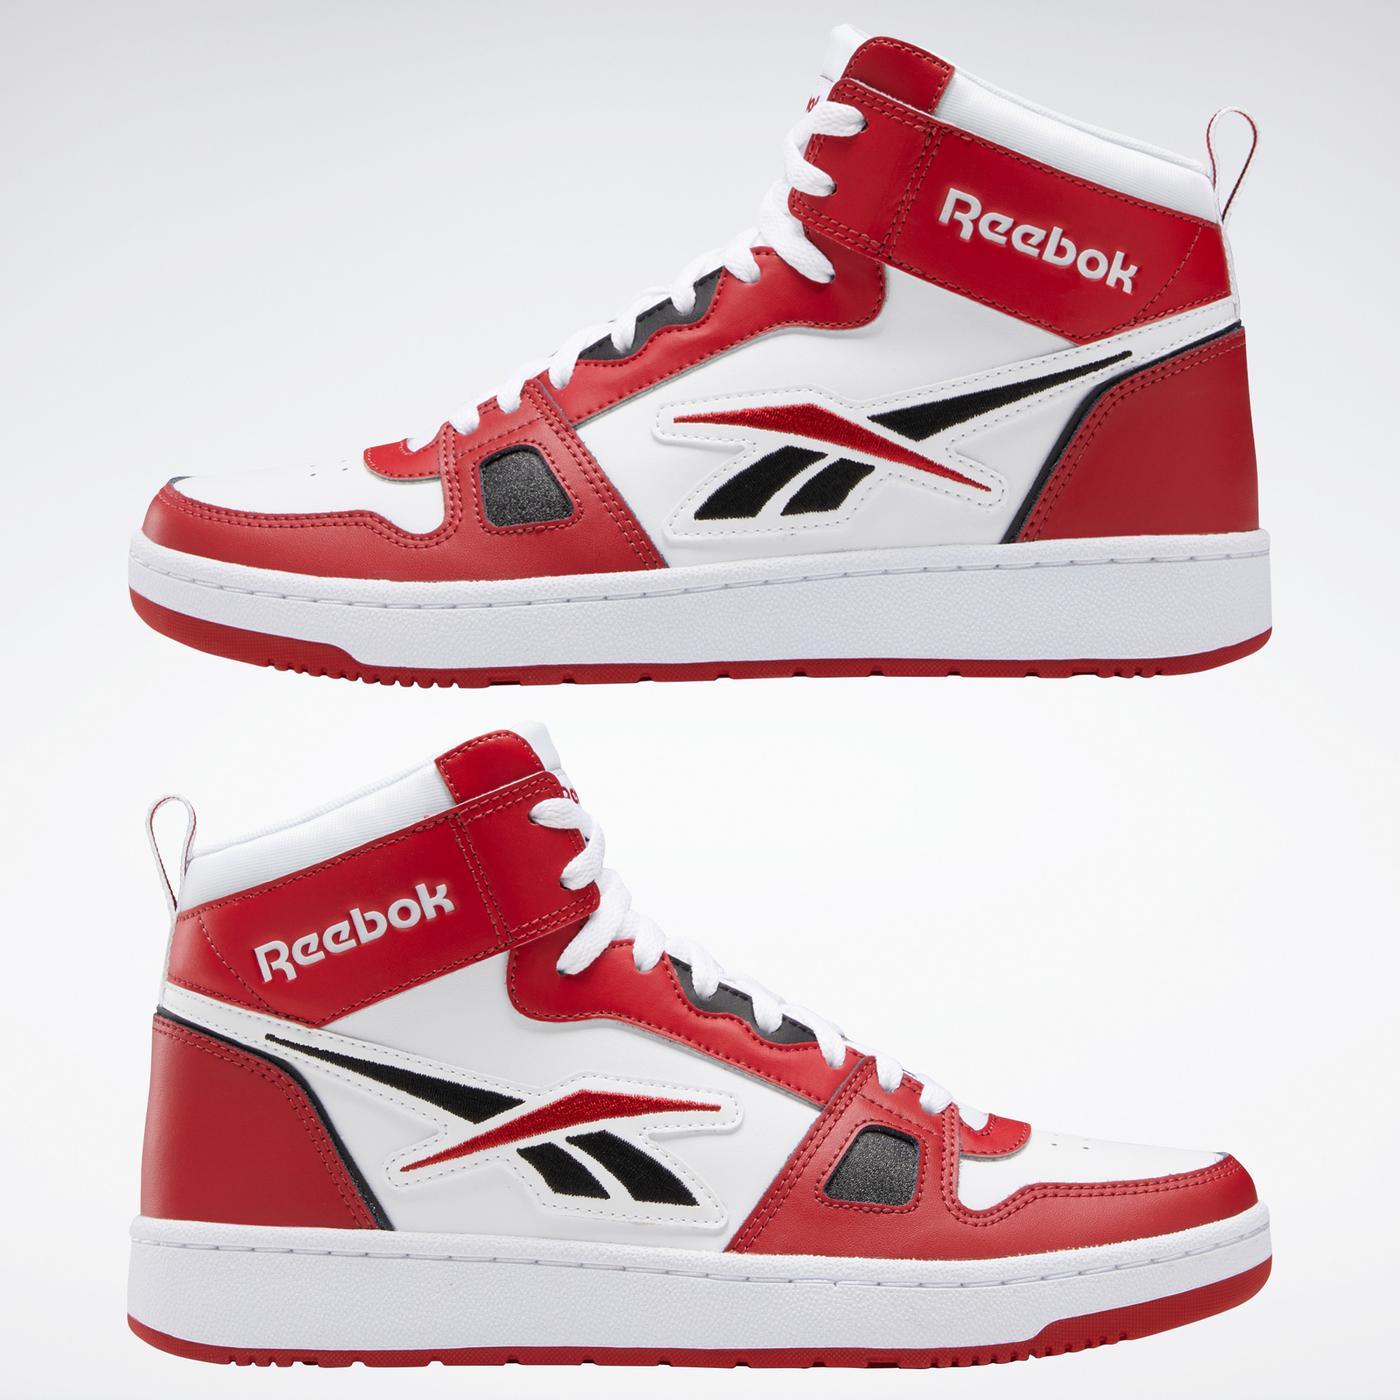 Reebok Resonator Unisex Kırmızı Spor Ayakkabı